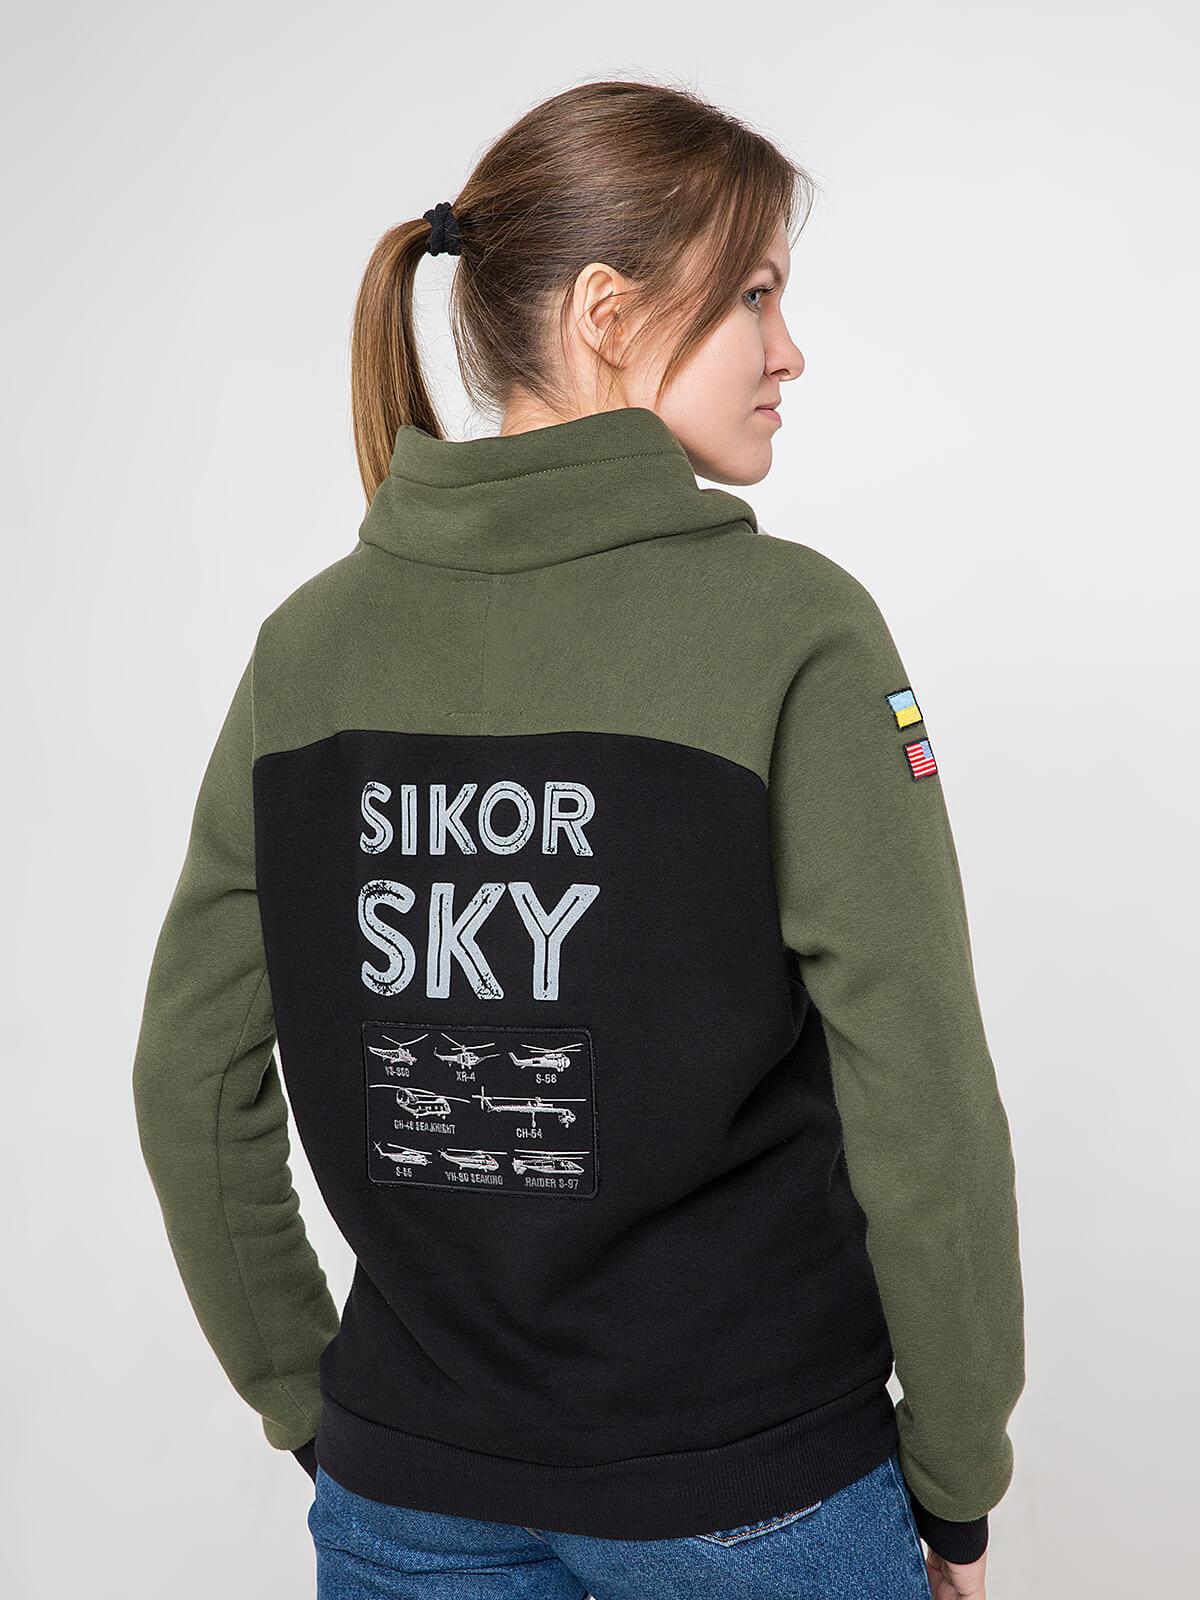 Жіночий Світшот Sikorsky. Колір хакі.  Не варто переживати за універсальний розмір.